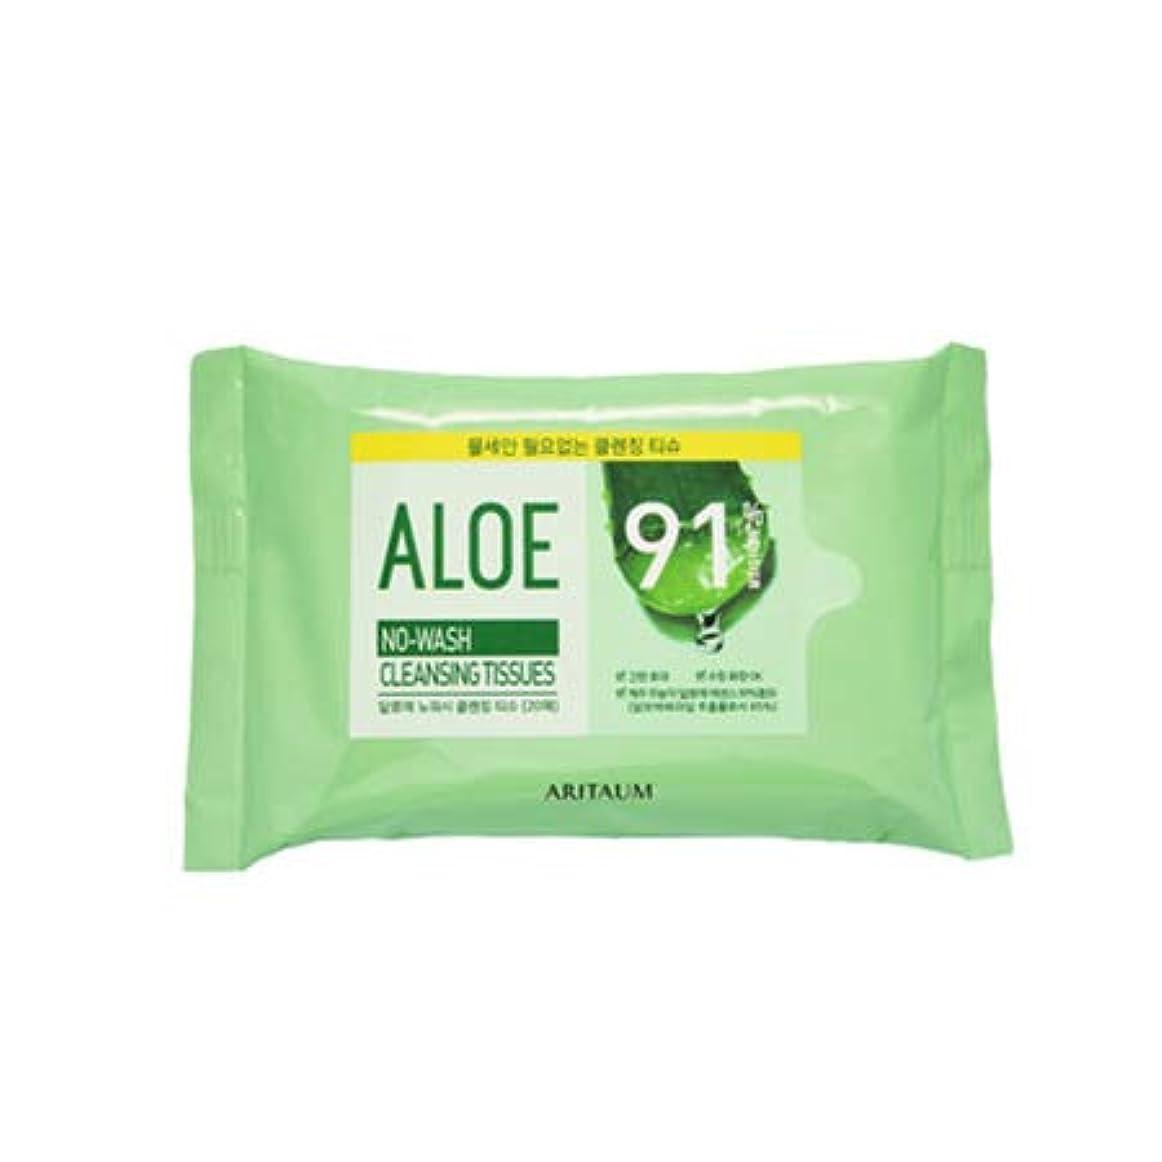 入口初期外向き【アリタウム.aritaum]アロエノーウォッシュクレンジングティッシュ20枚(2019.07 new)×2ea/ aloe no wash clwansing tissue(20sheet×2ea) (20 sheet)